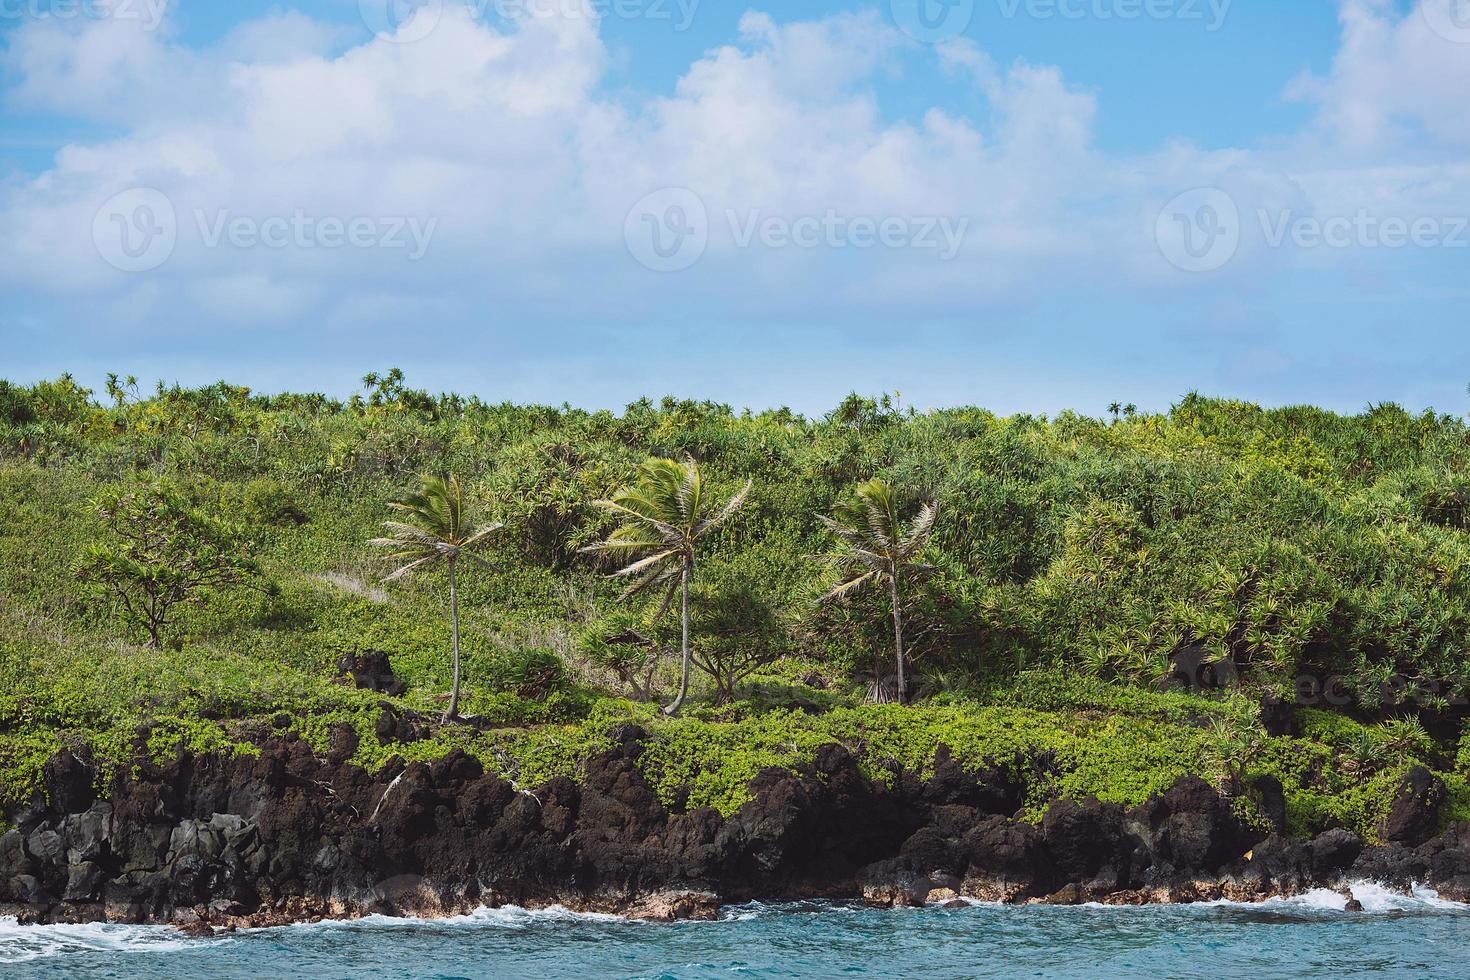 palmiers sur la côte - parc d'état de wai'anapanapa, maui, hawaï photo